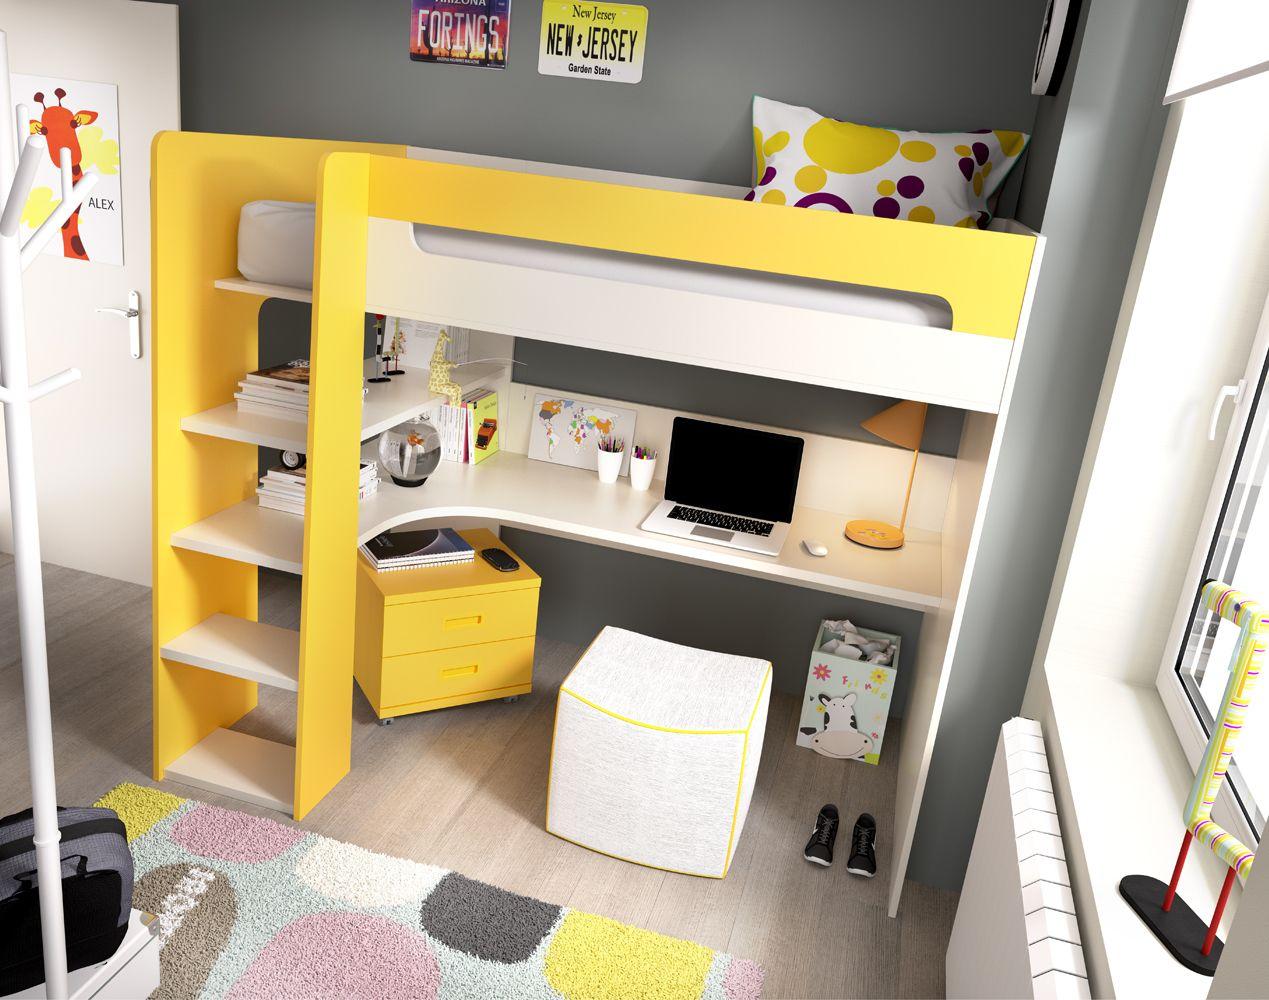 H312 Kids Room Set By Rimobel Furniture Spain Headboards Beds